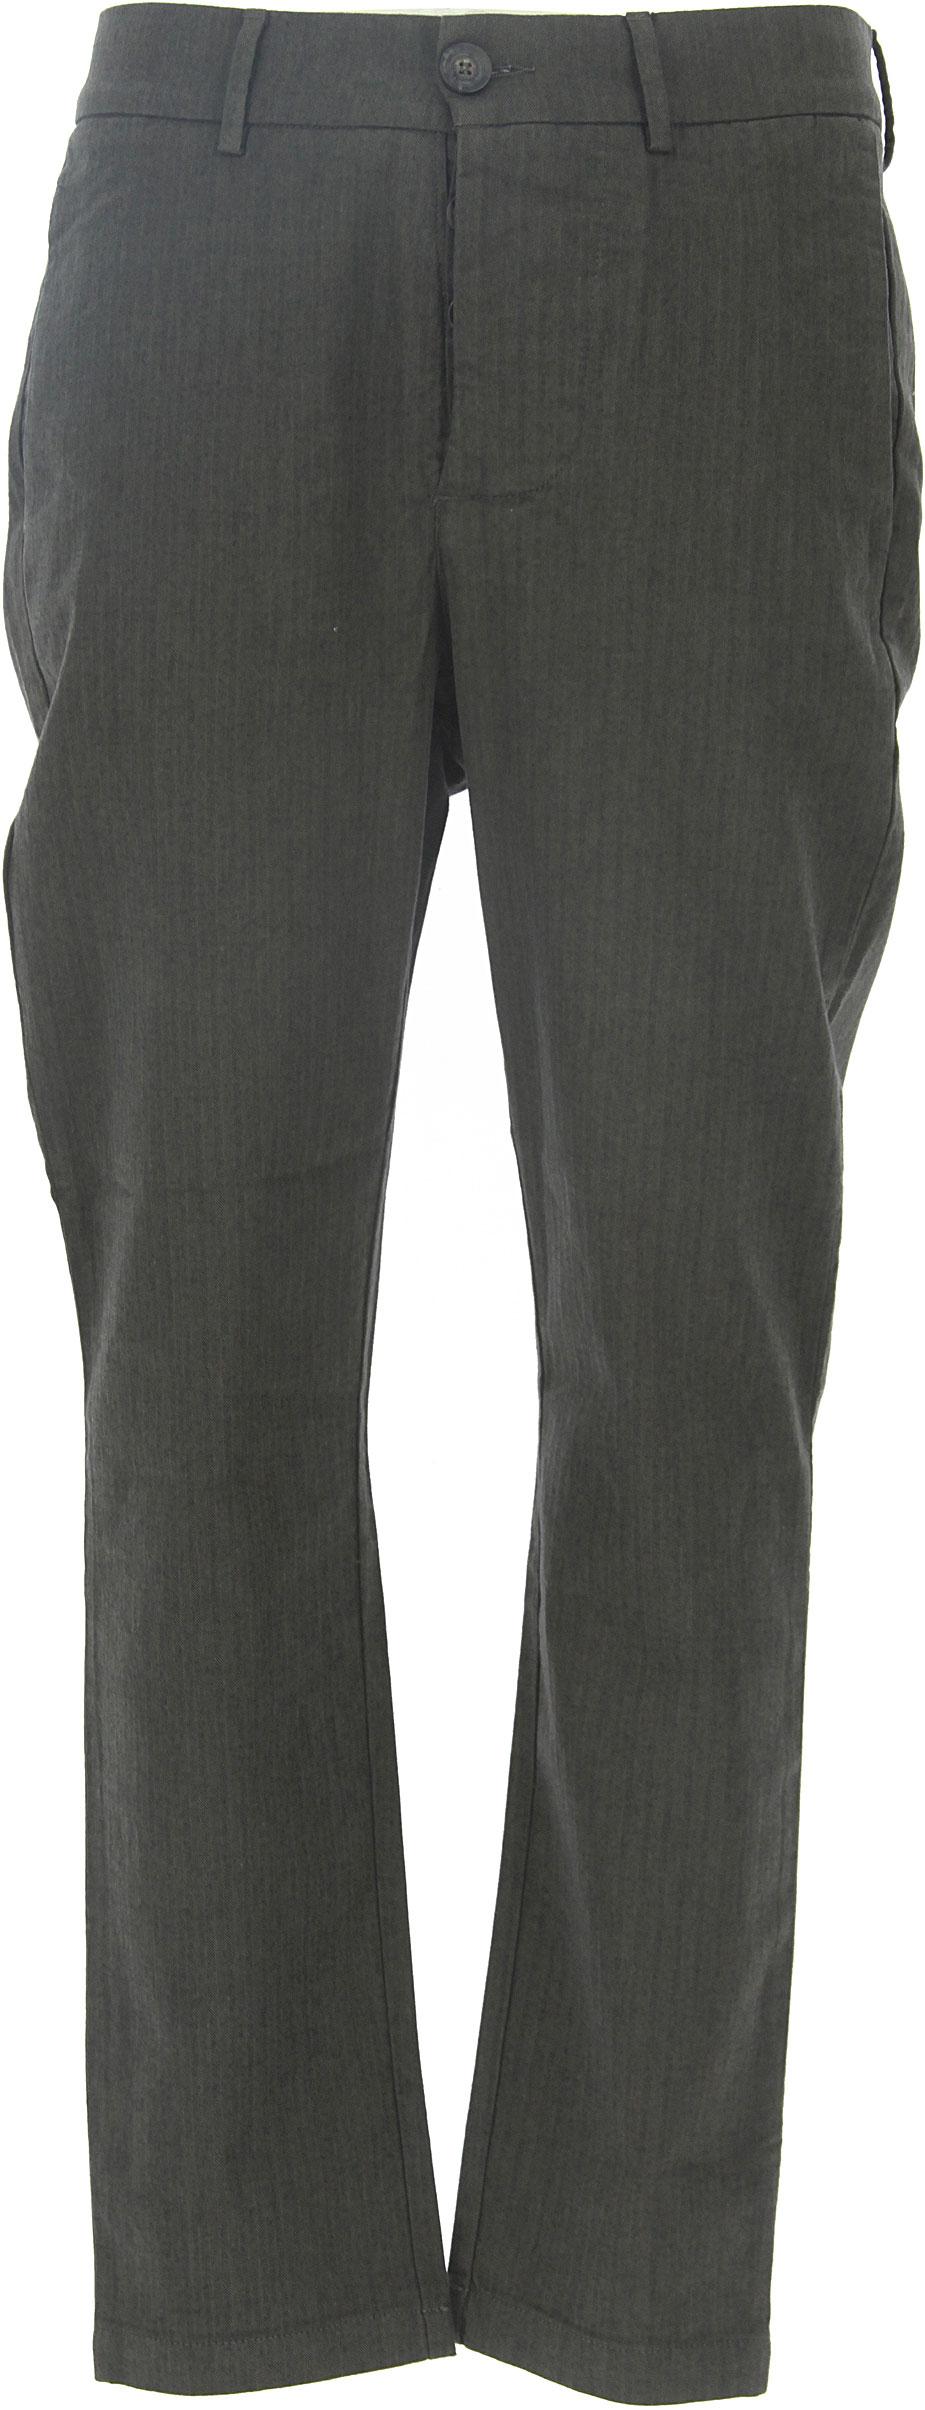 Abbigliamento Uomo Vivienne Westwood, Codice Articolo: 66076074-j33-0007